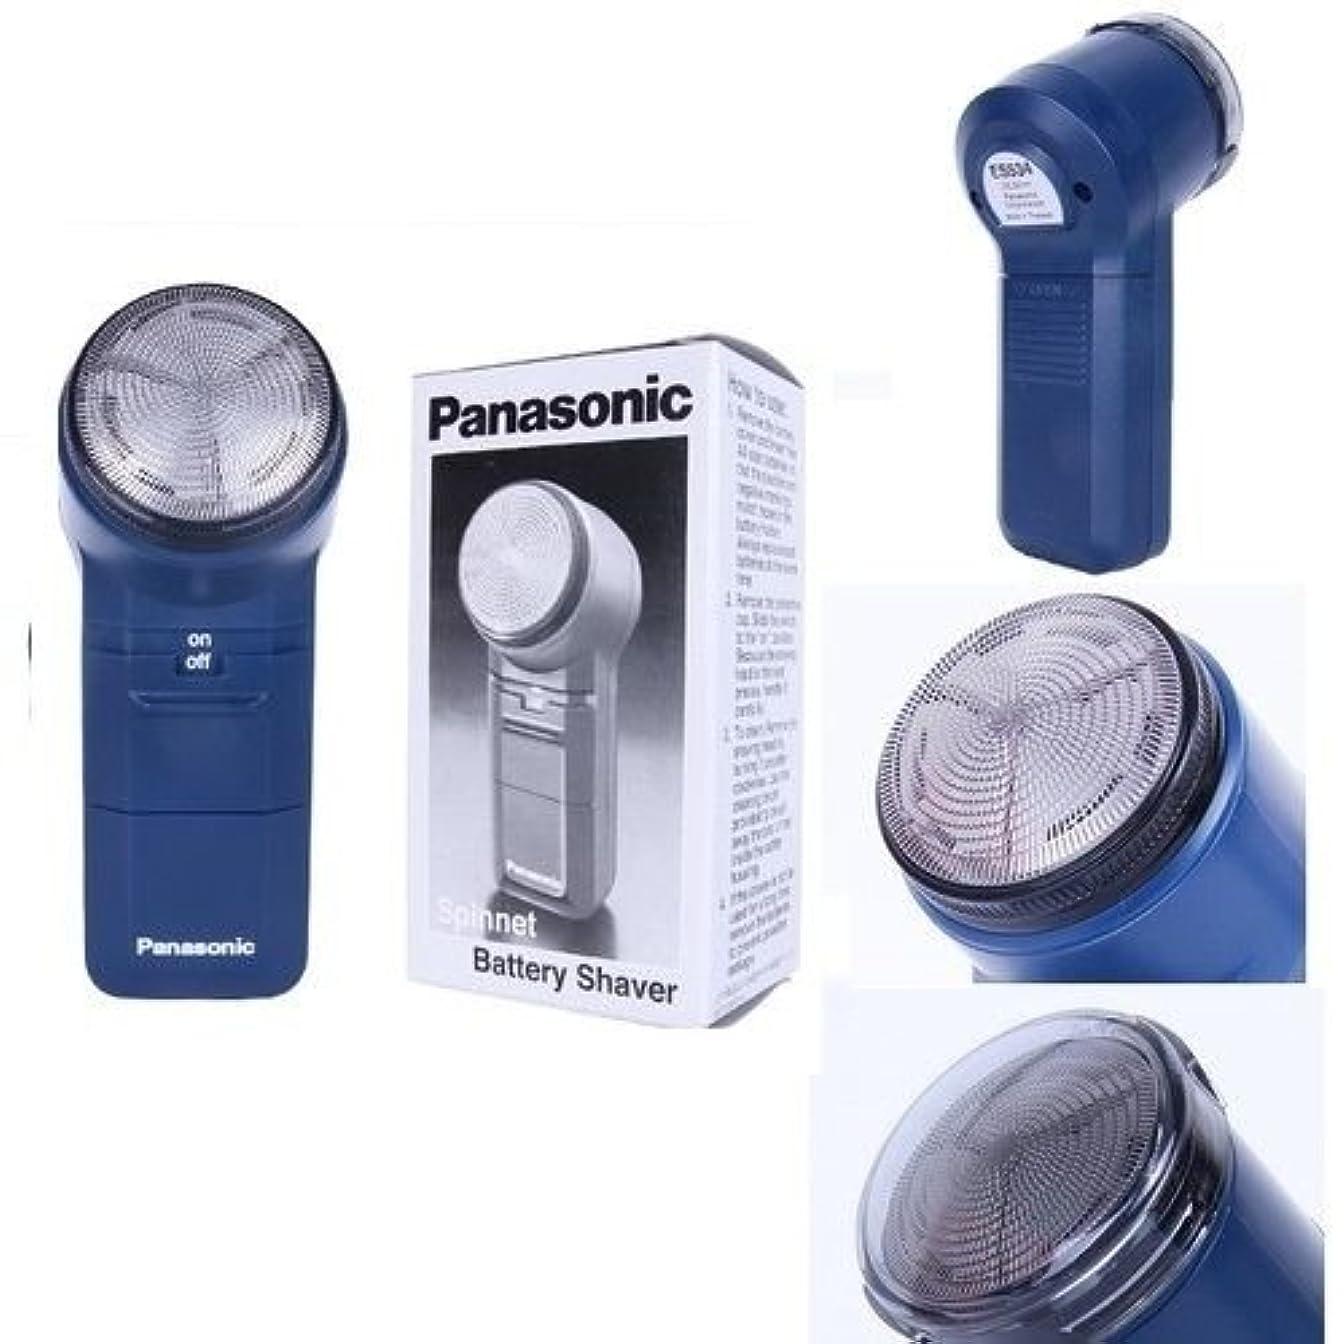 息切れボクシング事前にPanasonic ES534電気シェーバースピンネットバッテリー純正と梱包 [並行輸入品]